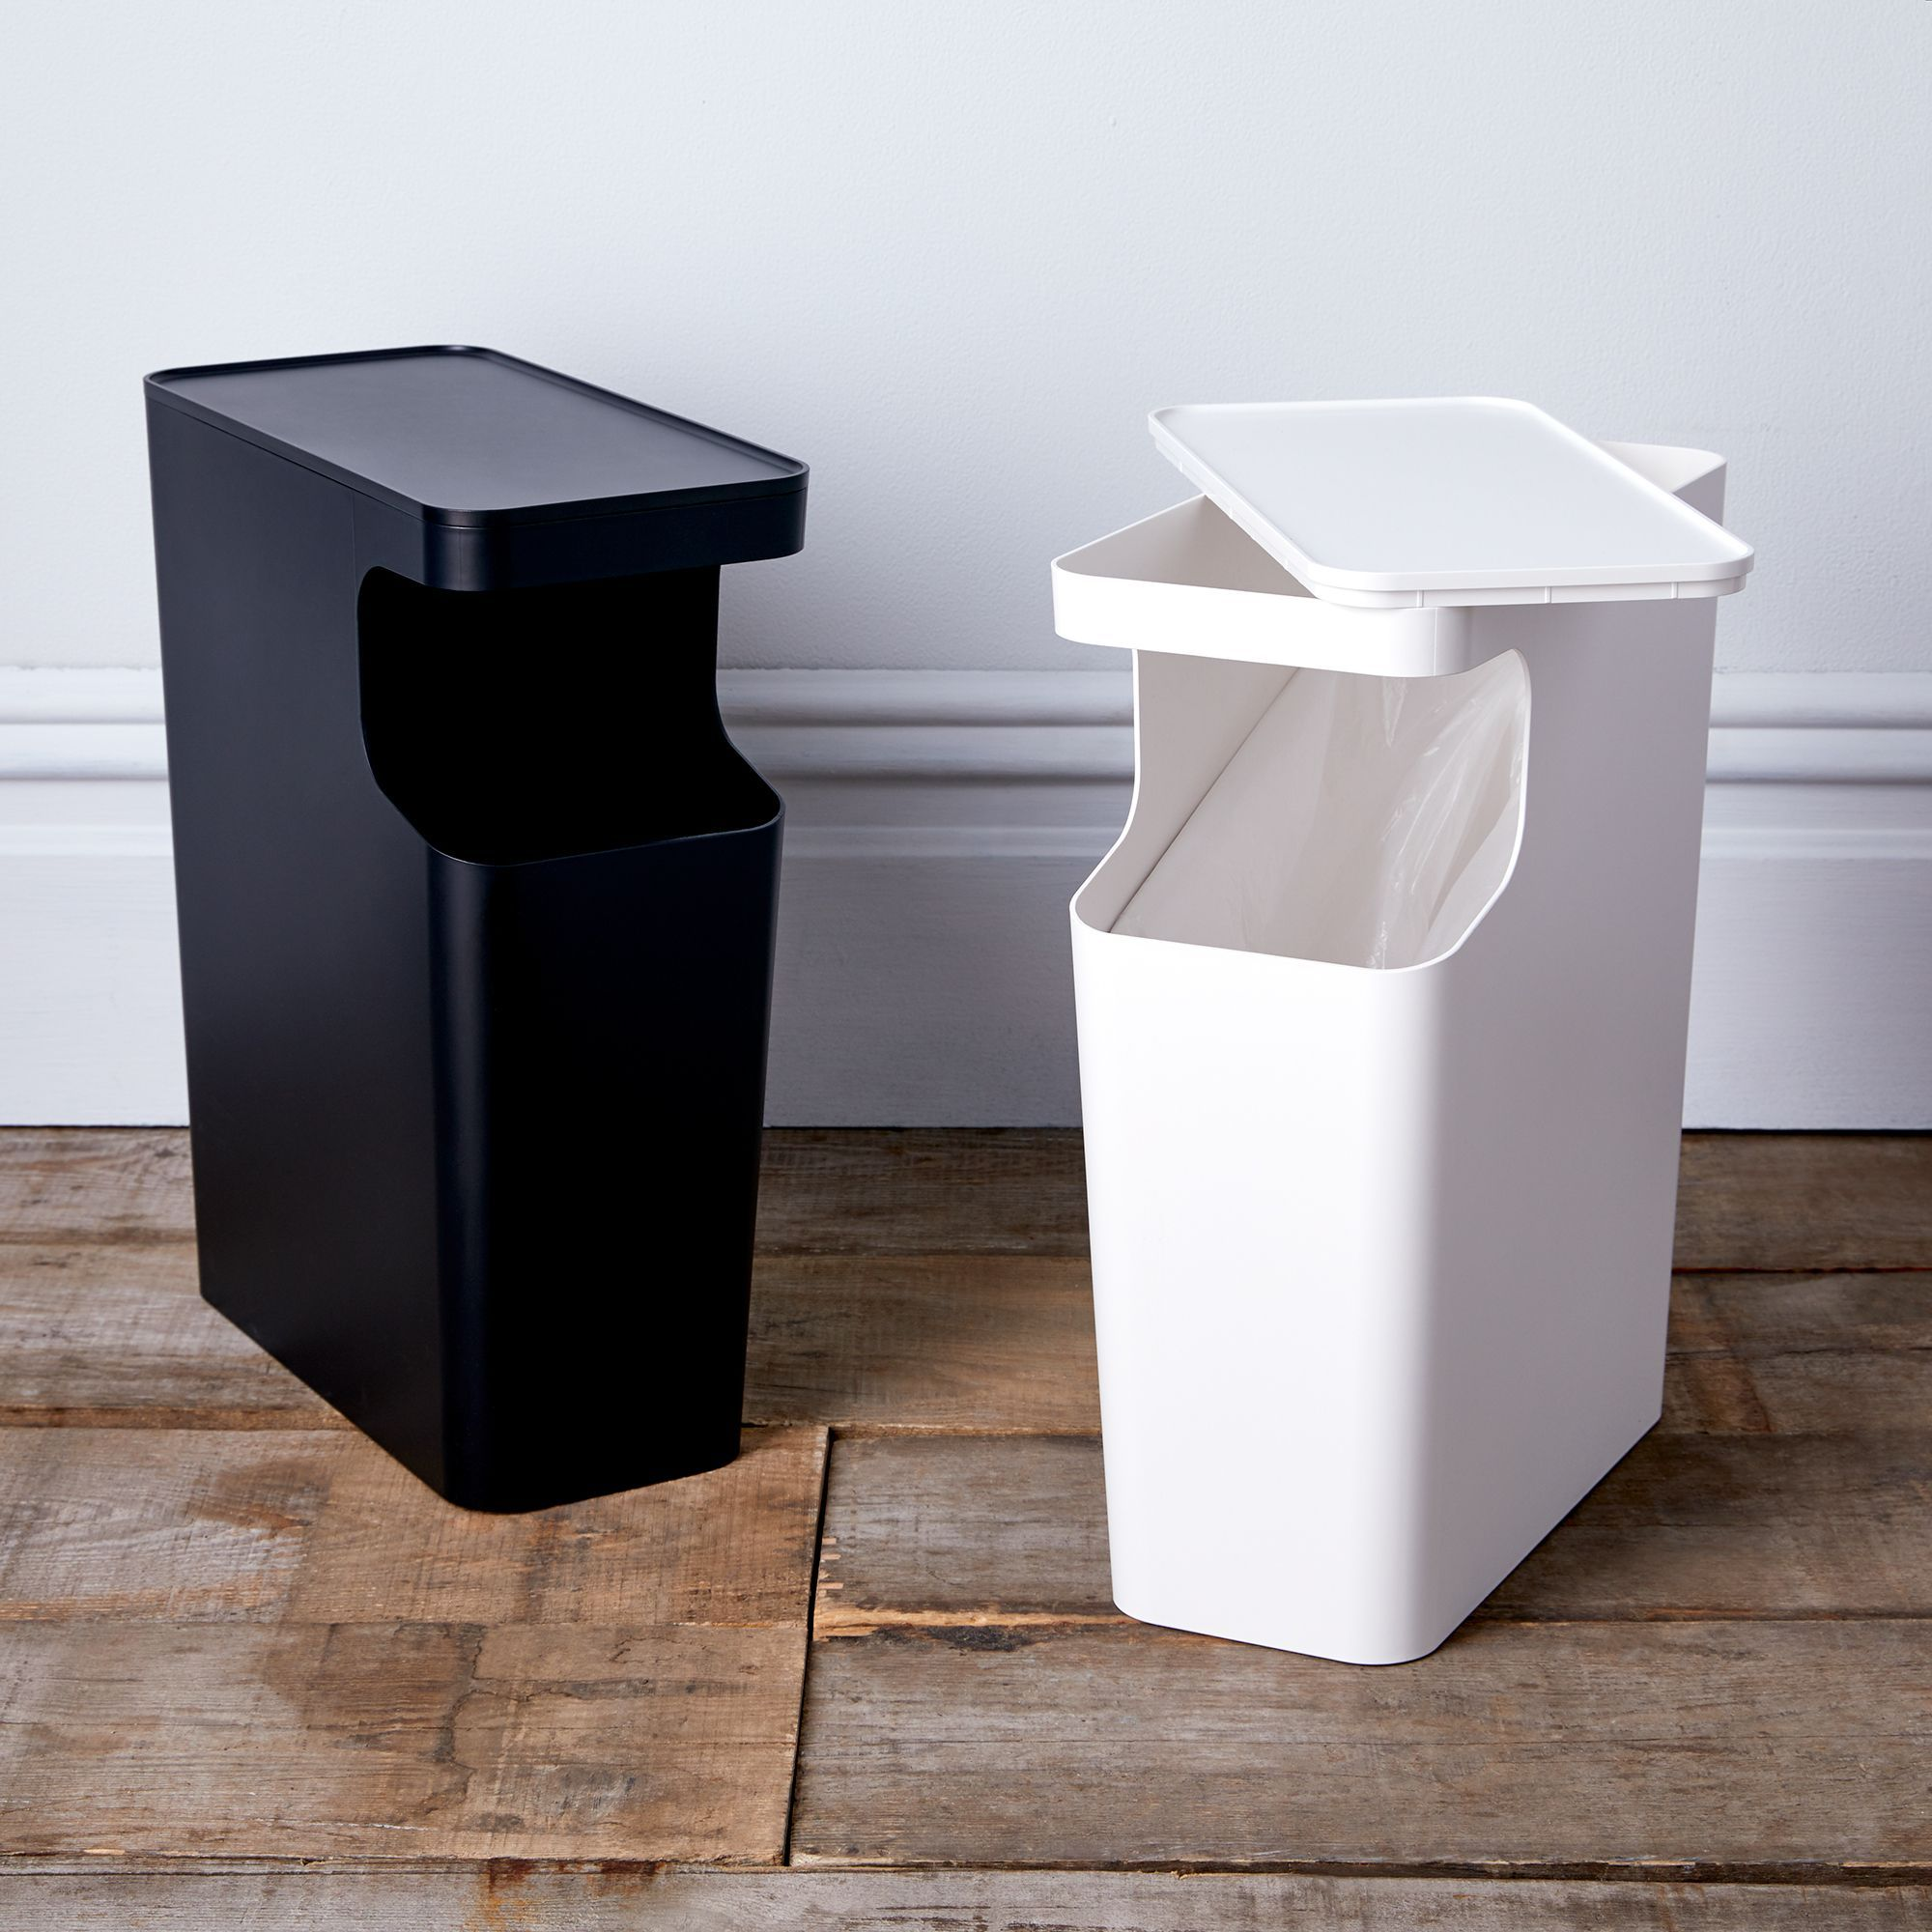 22+ Bathroom trash can ideas in 2021